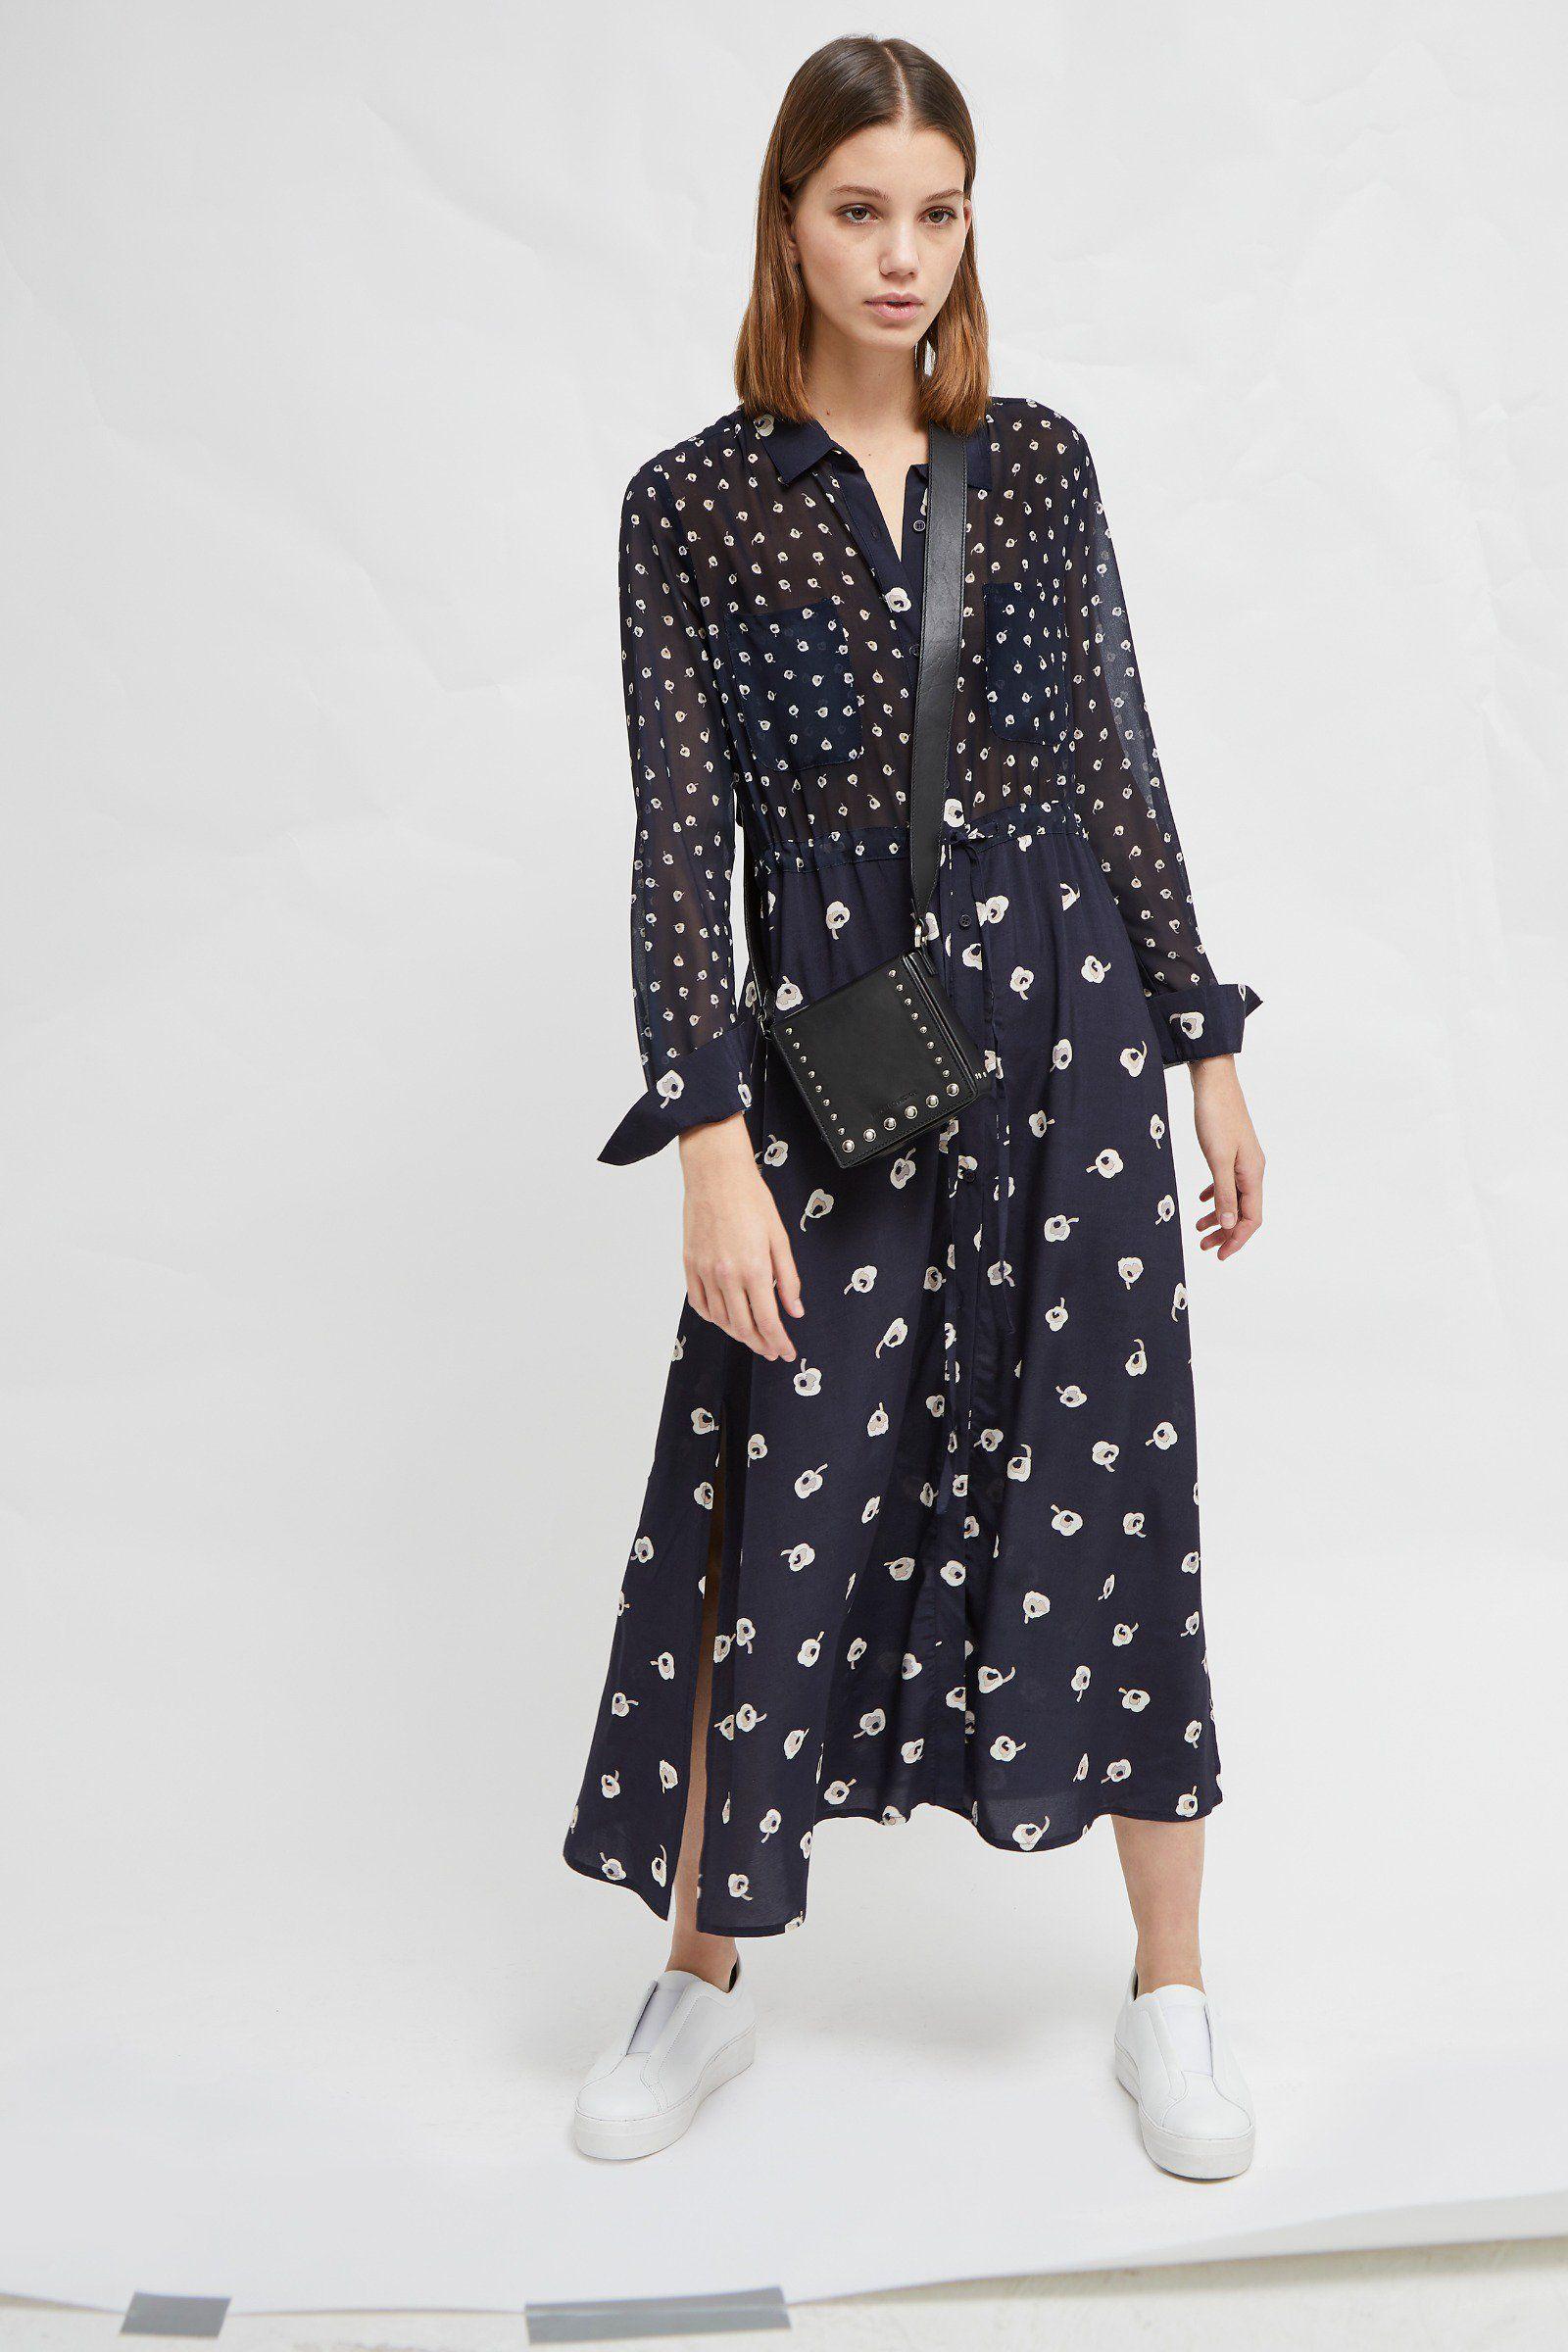 c88f57b9 <ul> <li> Mixed floral print shirt dress</li> <li> Fabric: soft, light,  smooth, slightly sheer</li> <li> Button front</li> <li> Drawstring  waist</li> <li> ...